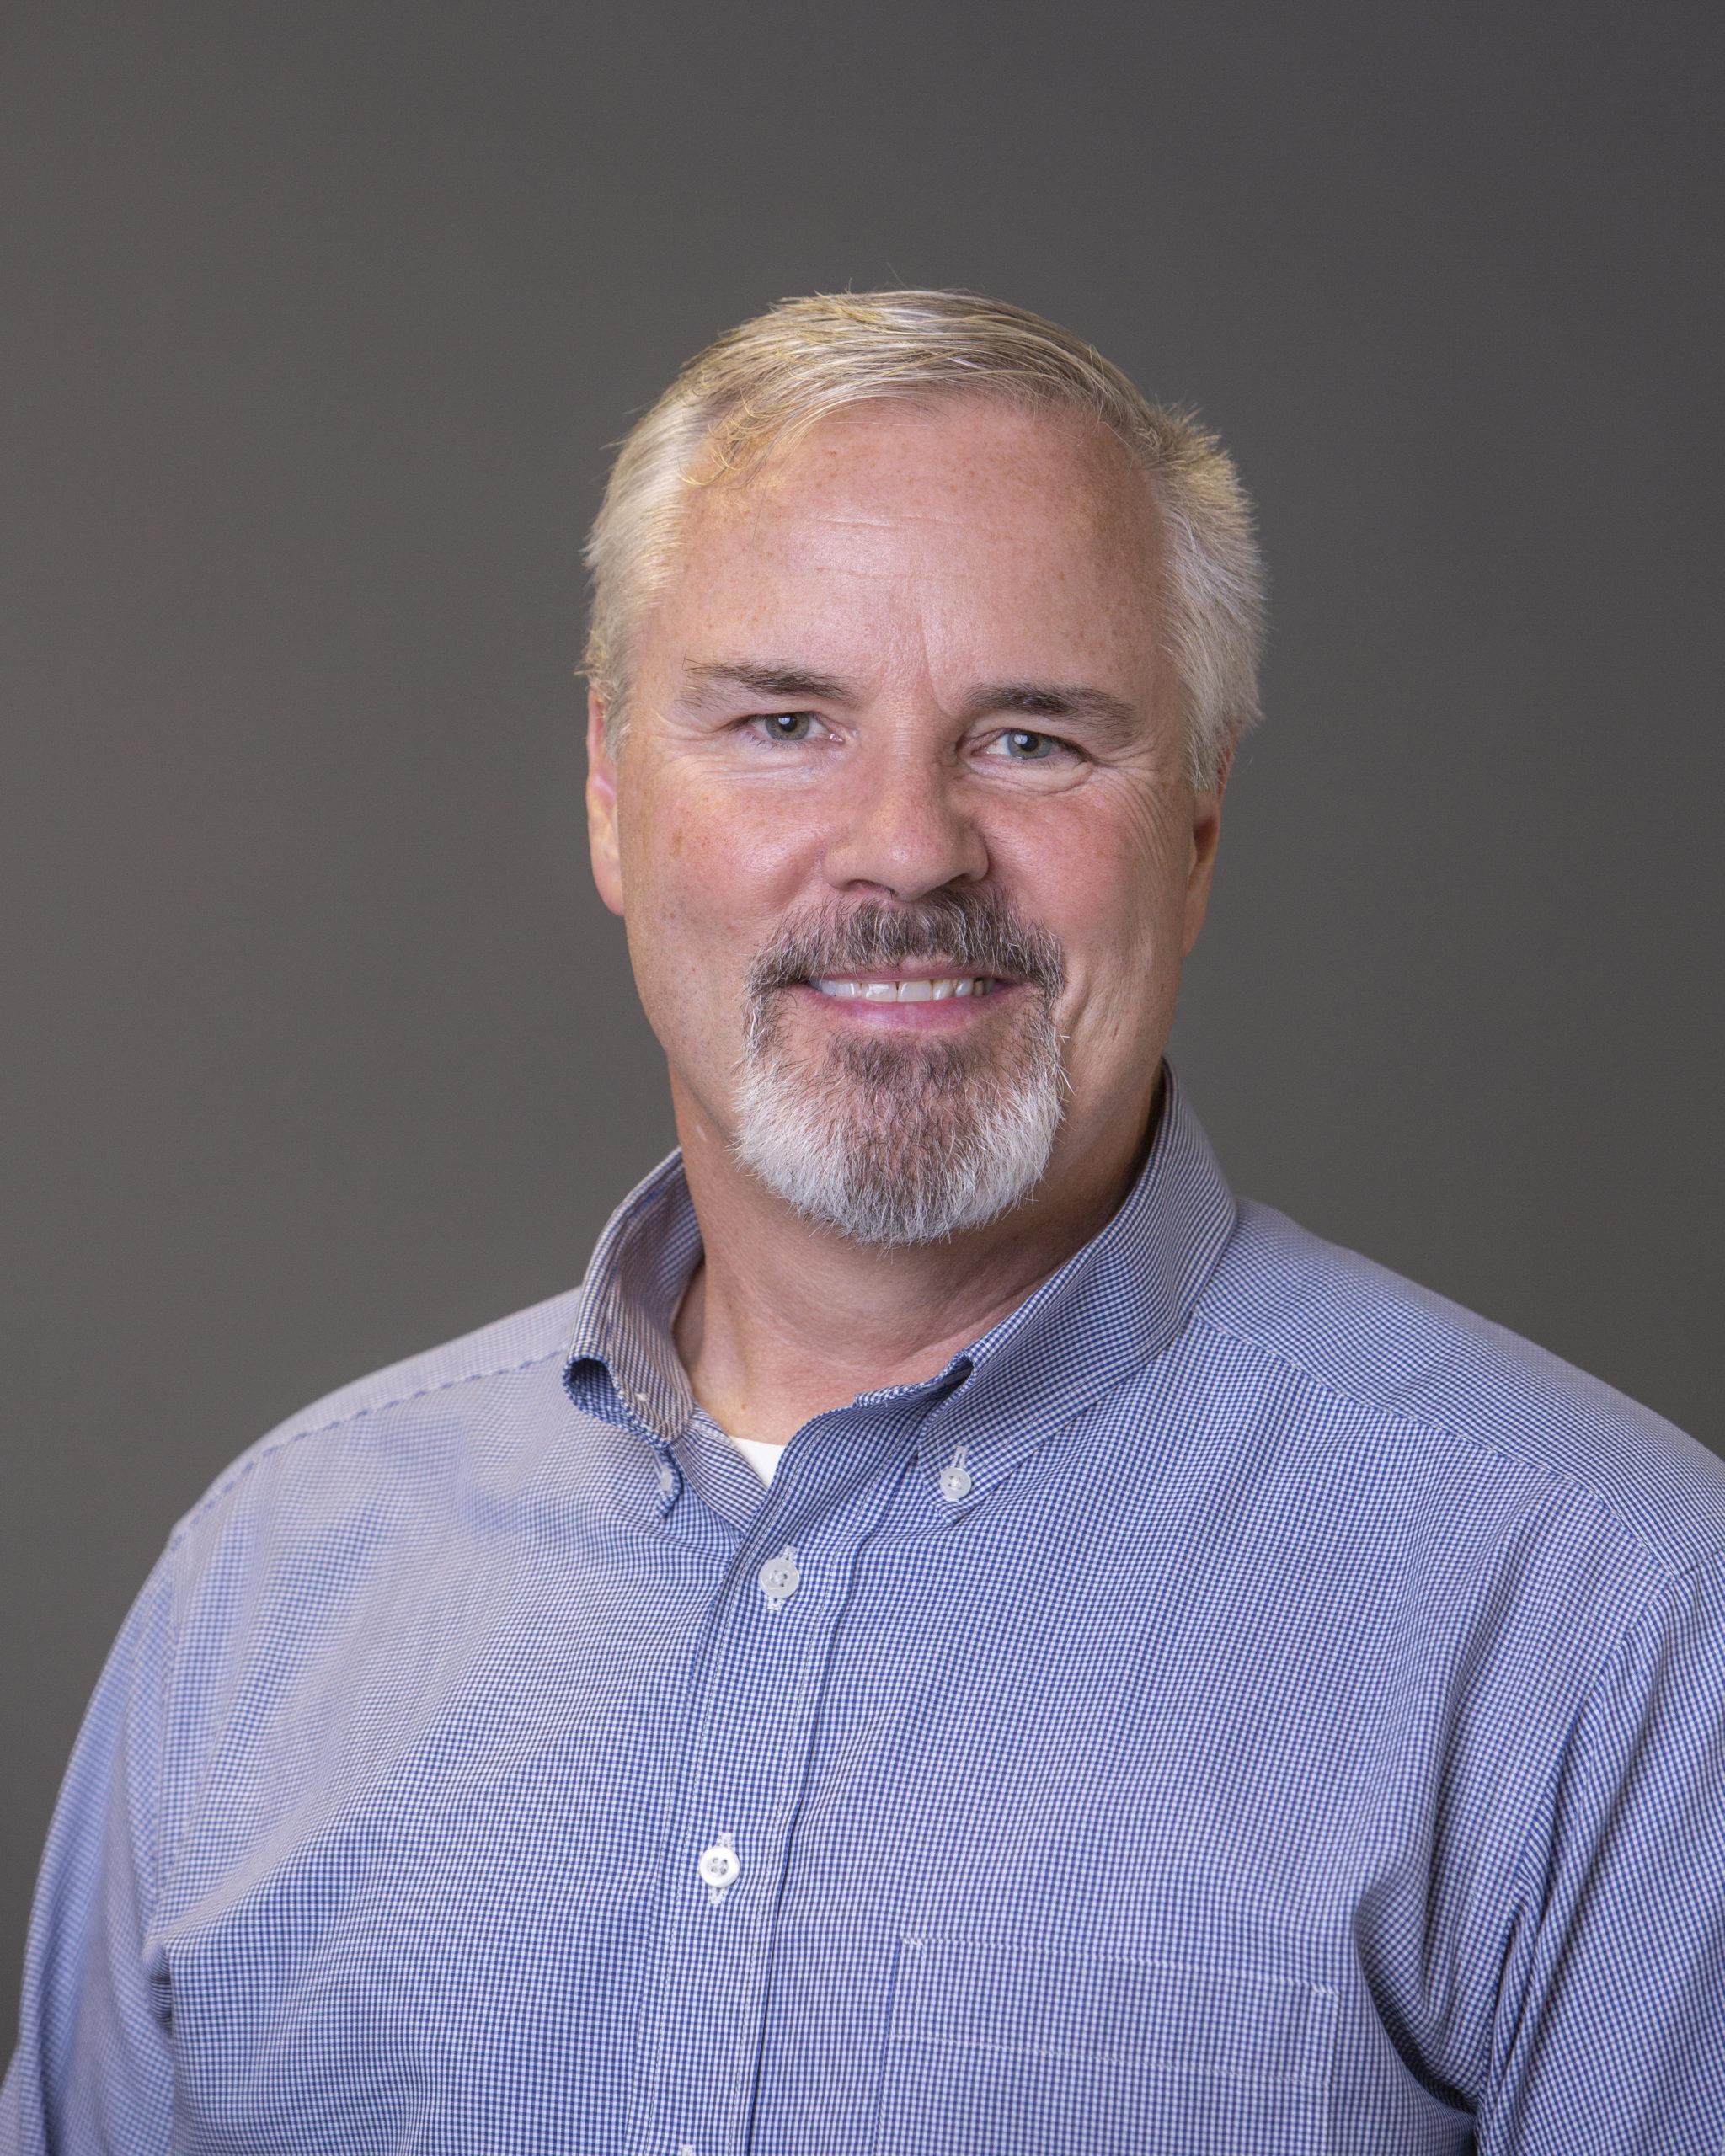 Gregg Dickson